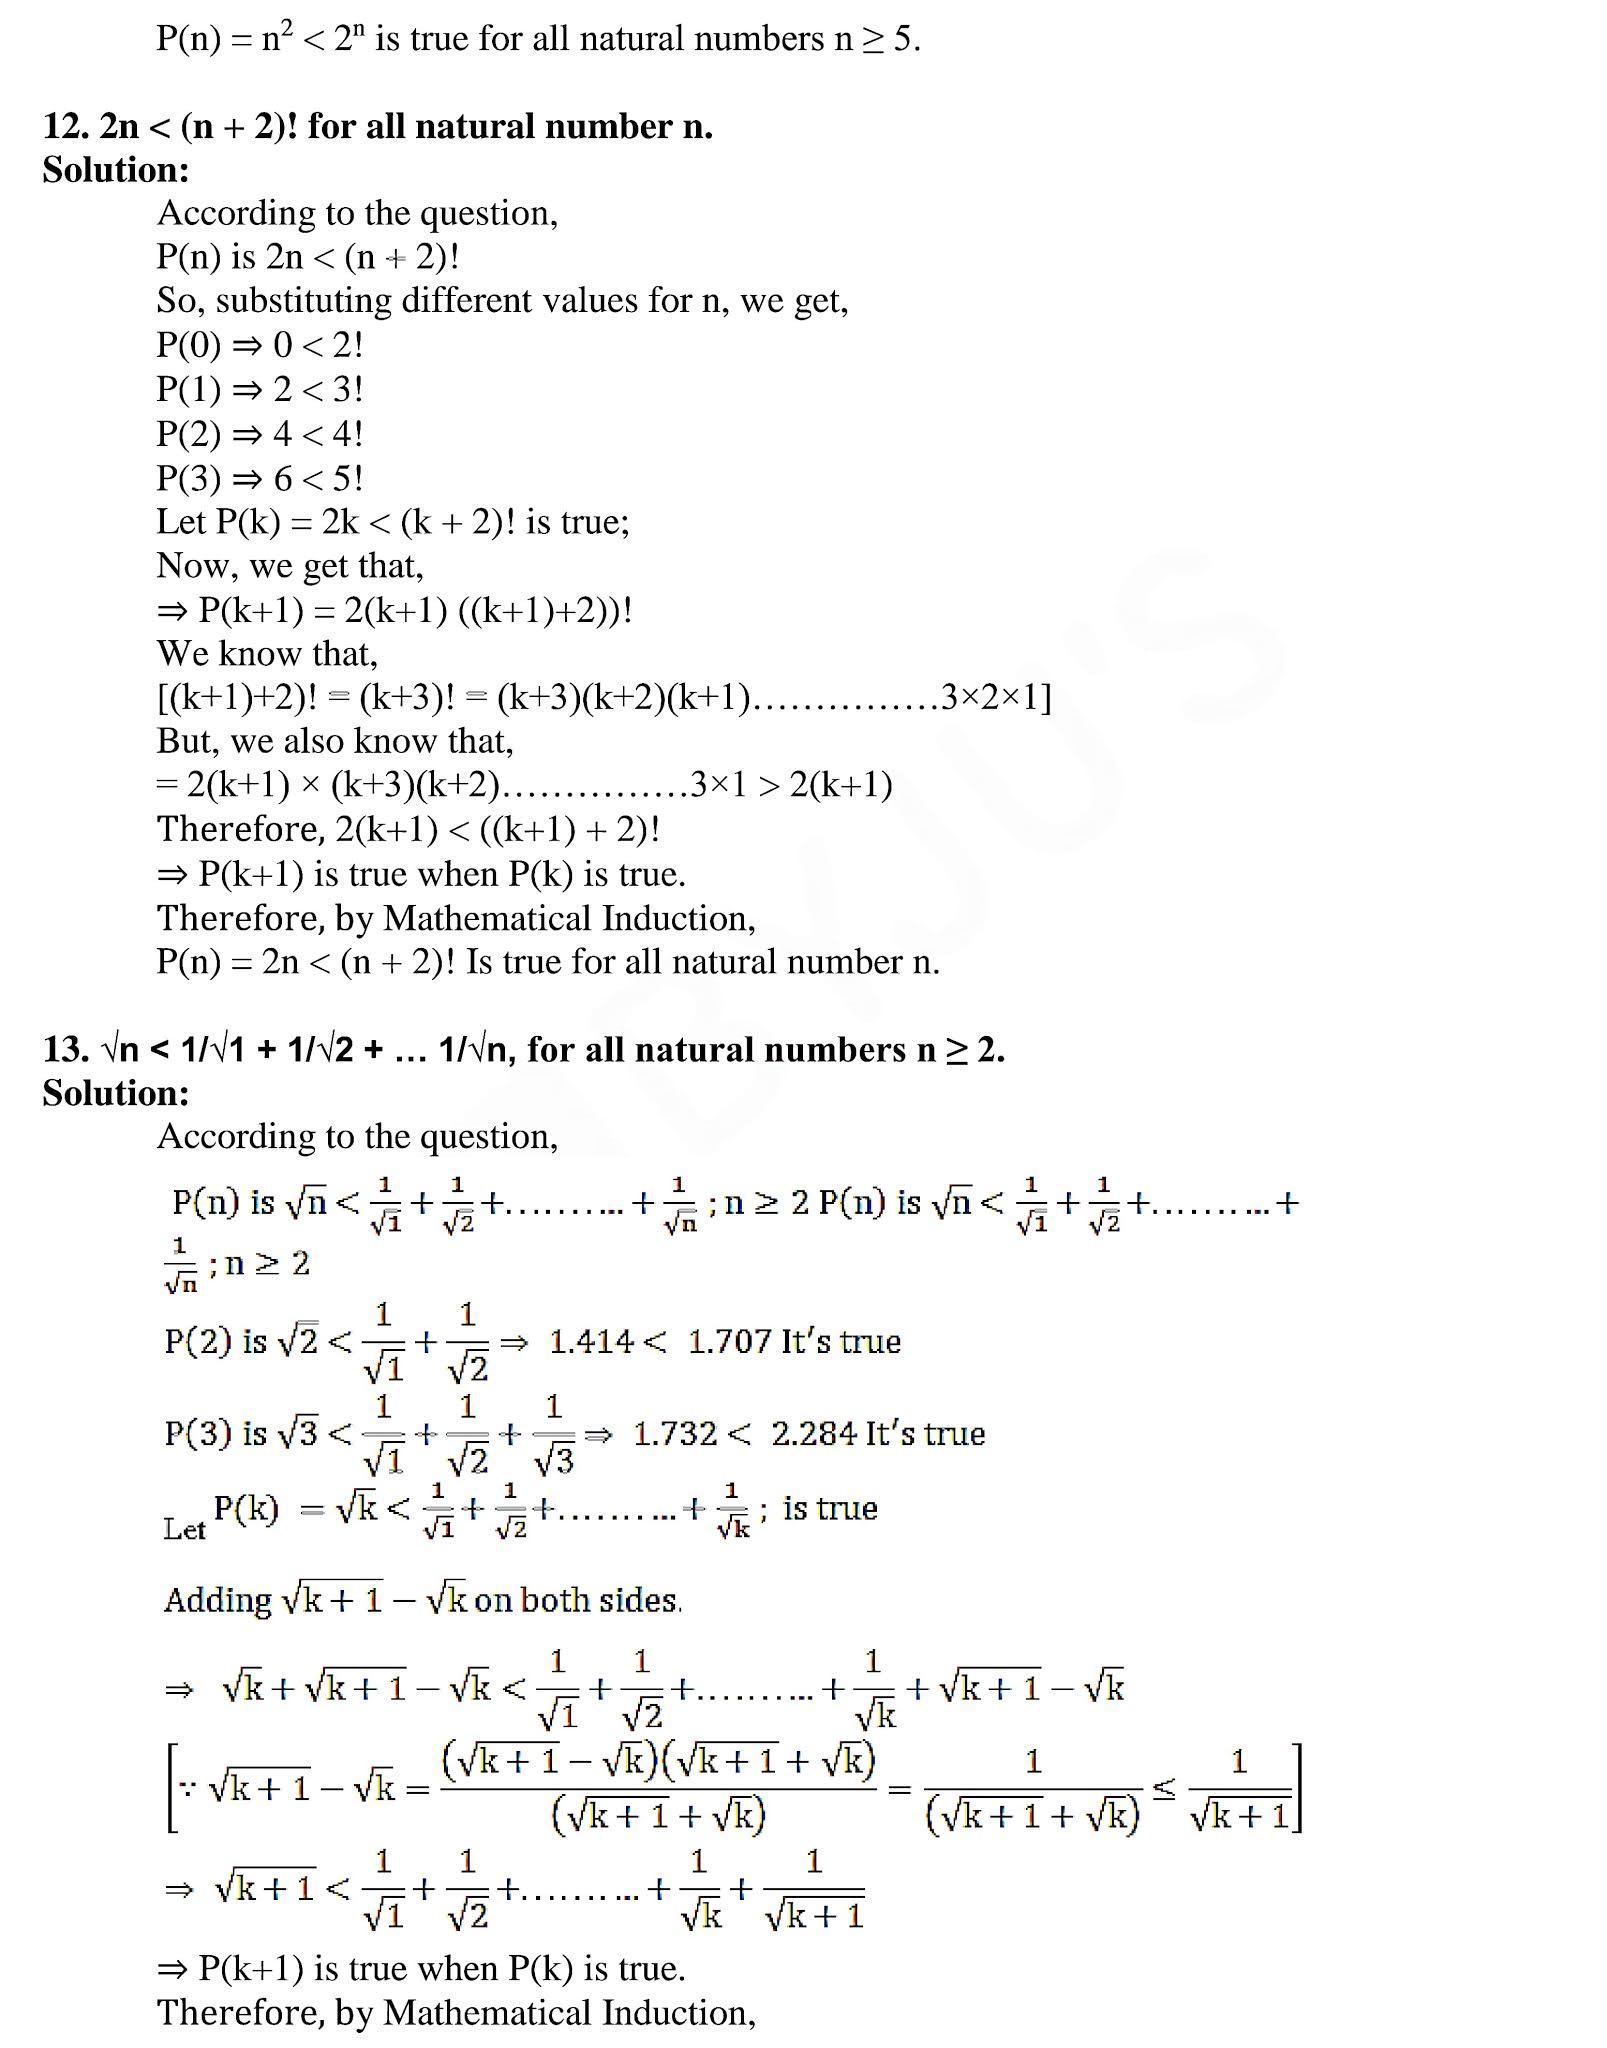 Class 11 Maths Chapter 4 Principle of Mathematical Induction,  11th Maths book in hindi,11th Maths notes in hindi,cbse books for class  11,cbse books in hindi,cbse ncert books,class  11  Maths notes in hindi,class  11 hindi ncert solutions, Maths 2020, Maths 2021, Maths 2022, Maths book class  11, Maths book in hindi, Maths class  11 in hindi, Maths notes for class  11 up board in hindi,ncert all books,ncert app in hindi,ncert book solution,ncert books class 10,ncert books class  11,ncert books for class 7,ncert books for upsc in hindi,ncert books in hindi class 10,ncert books in hindi for class  11  Maths,ncert books in hindi for class 6,ncert books in hindi pdf,ncert class  11 hindi book,ncert english book,ncert  Maths book in hindi,ncert  Maths books in hindi pdf,ncert  Maths class  11,ncert in hindi,old ncert books in hindi,online ncert books in hindi,up board  11th,up board  11th syllabus,up board class 10 hindi book,up board class  11 books,up board class  11 new syllabus,up Board  Maths 2020,up Board  Maths 2021,up Board  Maths 2022,up Board  Maths 2023,up board intermediate  Maths syllabus,up board intermediate syllabus 2021,Up board Master 2021,up board model paper 2021,up board model paper all subject,up board new syllabus of class 11th Maths,up board paper 2021,Up board syllabus 2021,UP board syllabus 2022,   11 वीं मैथ्स पुस्तक हिंदी में,  11 वीं मैथ्स नोट्स हिंदी में, कक्षा  11 के लिए सीबीएससी पुस्तकें, हिंदी में सीबीएससी पुस्तकें, सीबीएससी  पुस्तकें, कक्षा  11 मैथ्स नोट्स हिंदी में, कक्षा  11 हिंदी एनसीईआरटी समाधान, मैथ्स 2020, मैथ्स 2021, मैथ्स 2022, मैथ्स  बुक क्लास  11, मैथ्स बुक इन हिंदी, बायोलॉजी क्लास  11 हिंदी में, मैथ्स नोट्स इन क्लास  11 यूपी  बोर्ड इन हिंदी, एनसीईआरटी मैथ्स की किताब हिंदी में,  बोर्ड  11 वीं तक,  11 वीं तक की पाठ्यक्रम, बोर्ड कक्षा 10 की हिंदी पुस्तक  , बोर्ड की कक्षा  11 की किताबें, बोर्ड की कक्षा  11 की नई पाठ्यक्रम, बोर्ड मैथ्स 2020, यूपी   बोर्ड मैथ्स 2021, यूपी  बोर्ड मैथ्स 2022, यूपी  बोर्ड मैथ्स 2023, यूपी  बोर्ड इंटरम